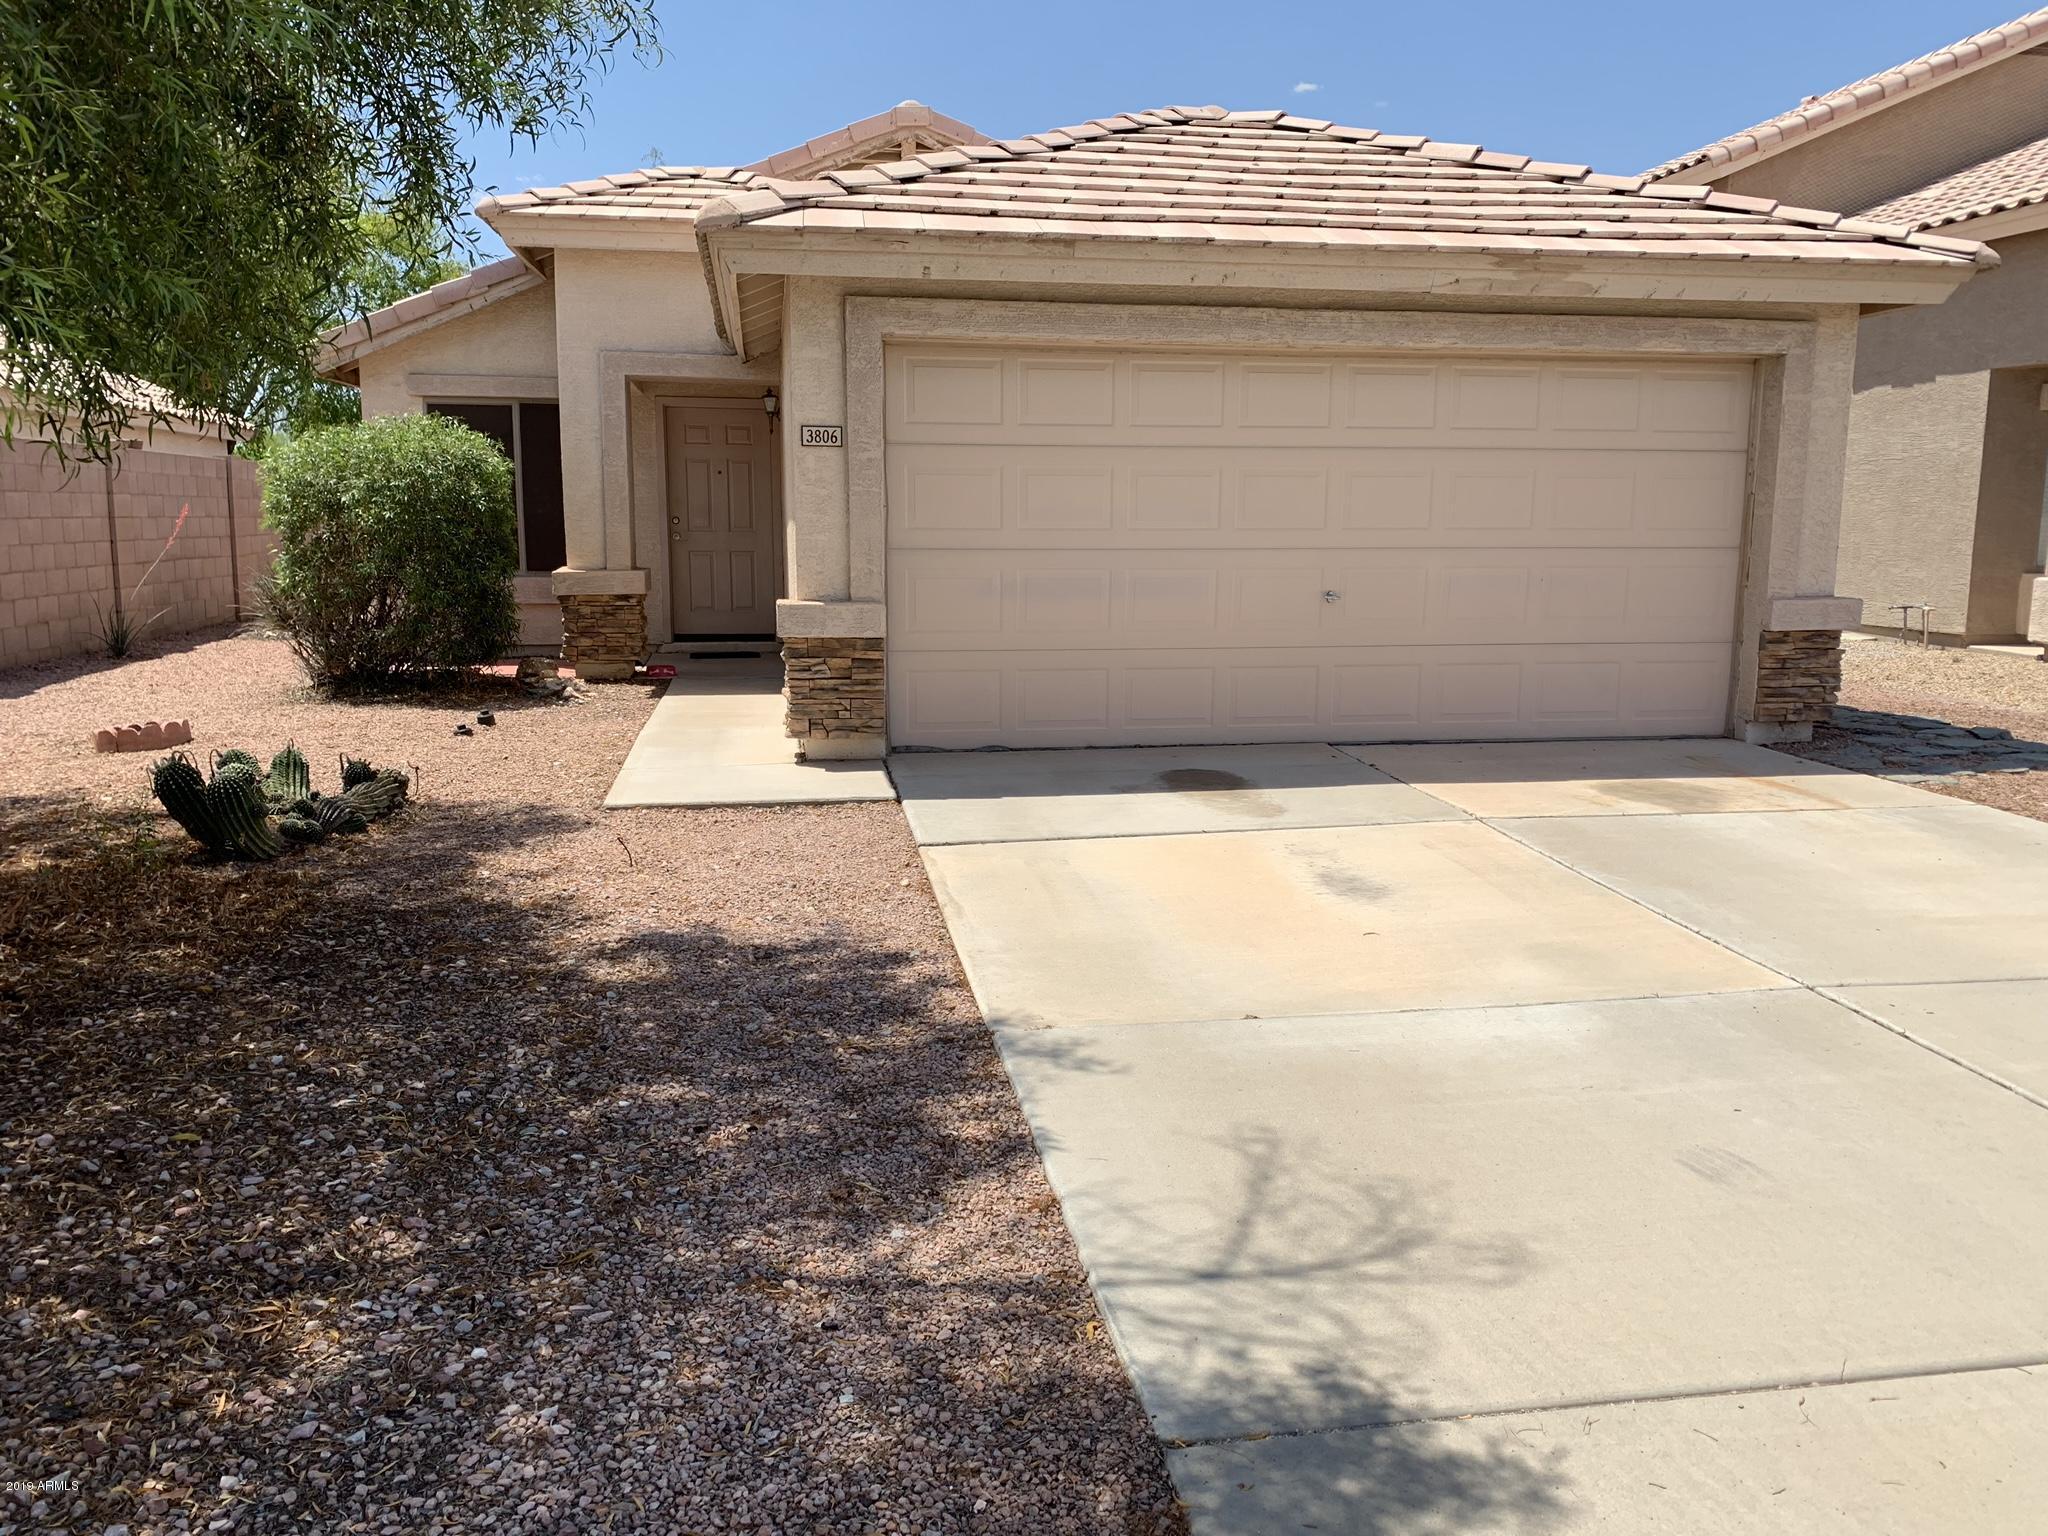 Photo of 3806 N 106TH Drive, Avondale, AZ 85392